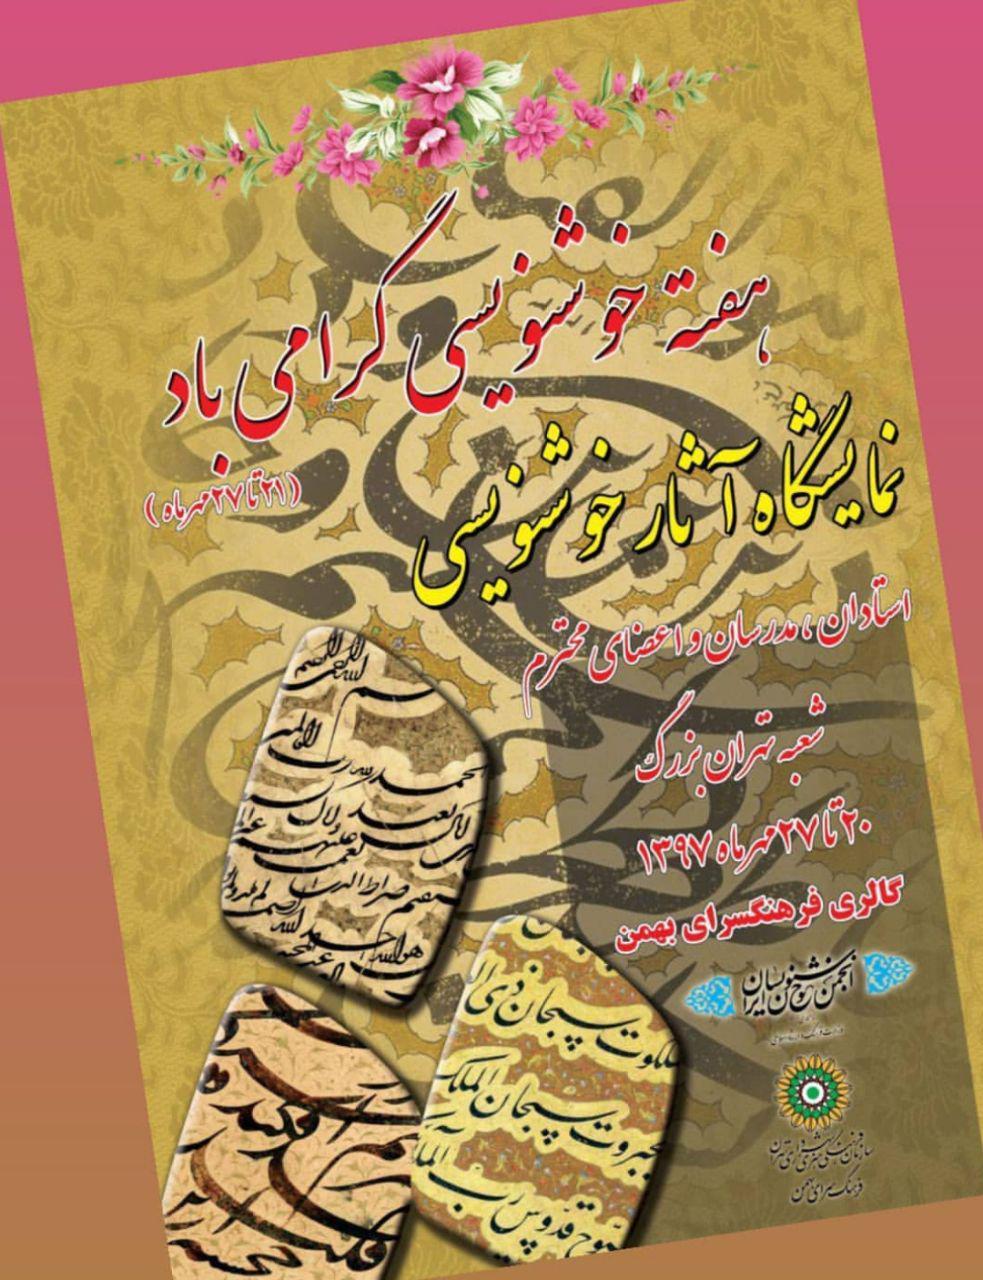 نمایشگاه آثار خوشنویسی